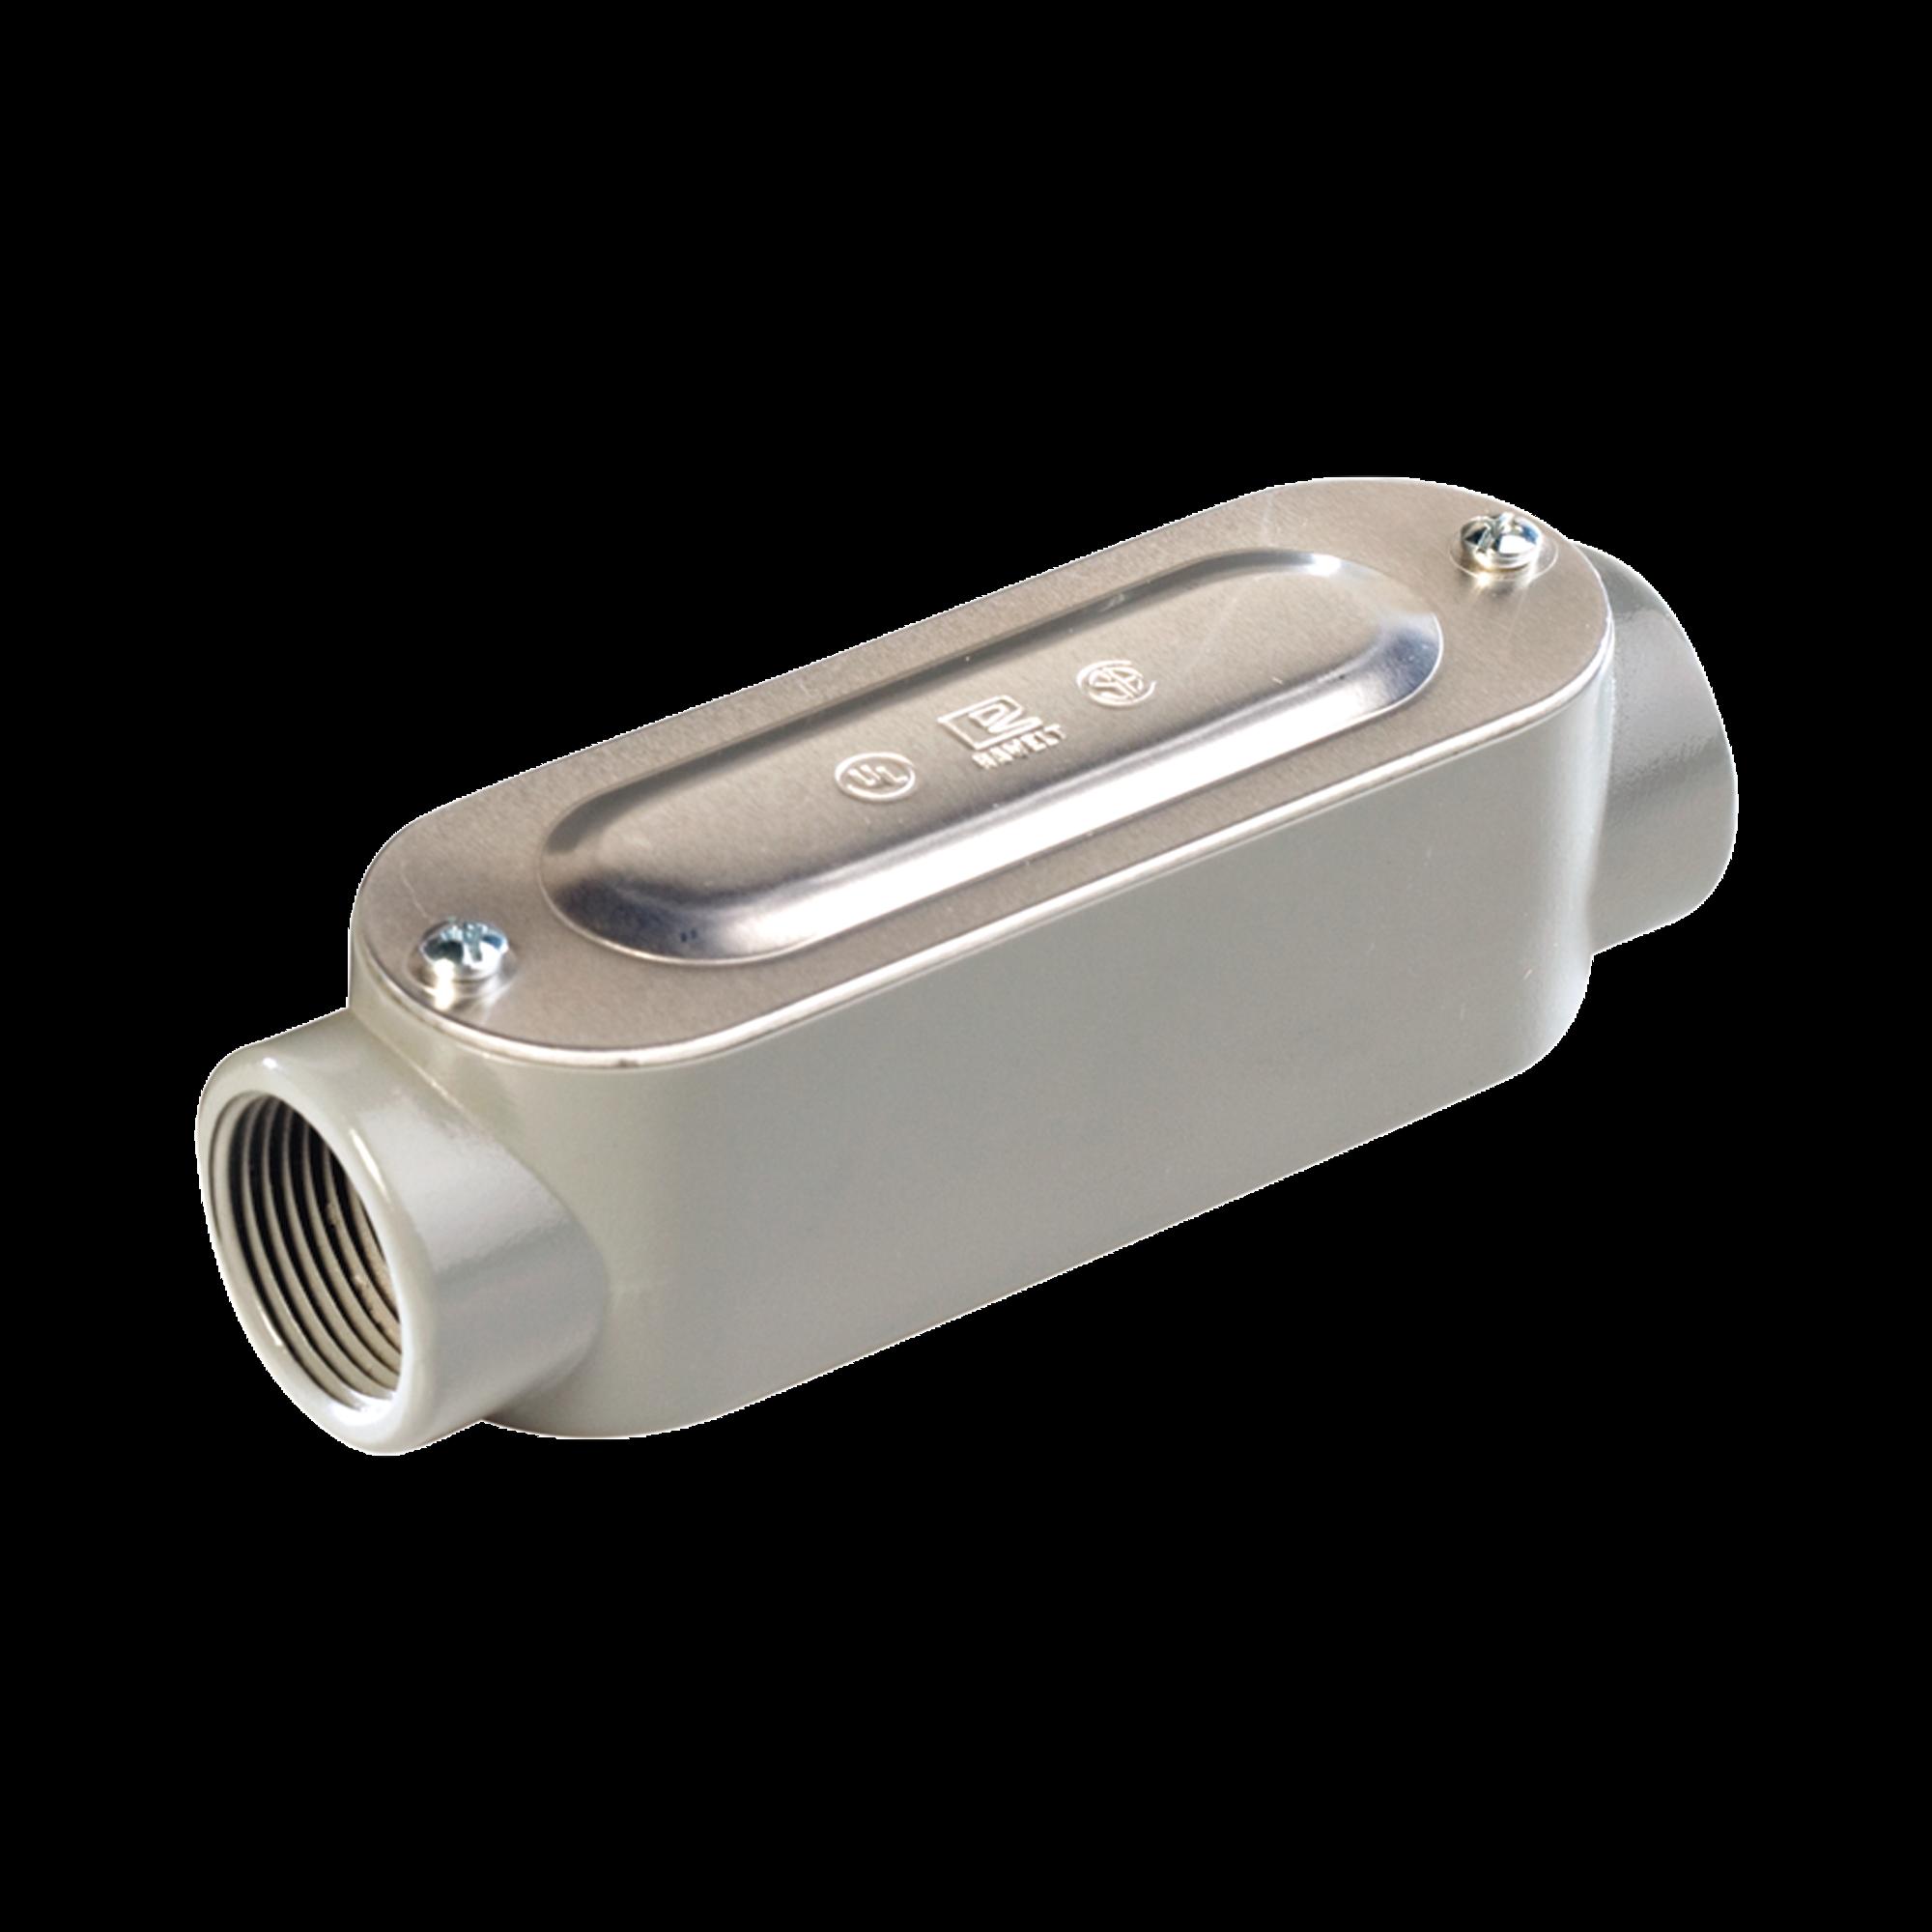 Caja Condulet tipo C de 1 (25.4 mm) Incluye tapa y tornillos.